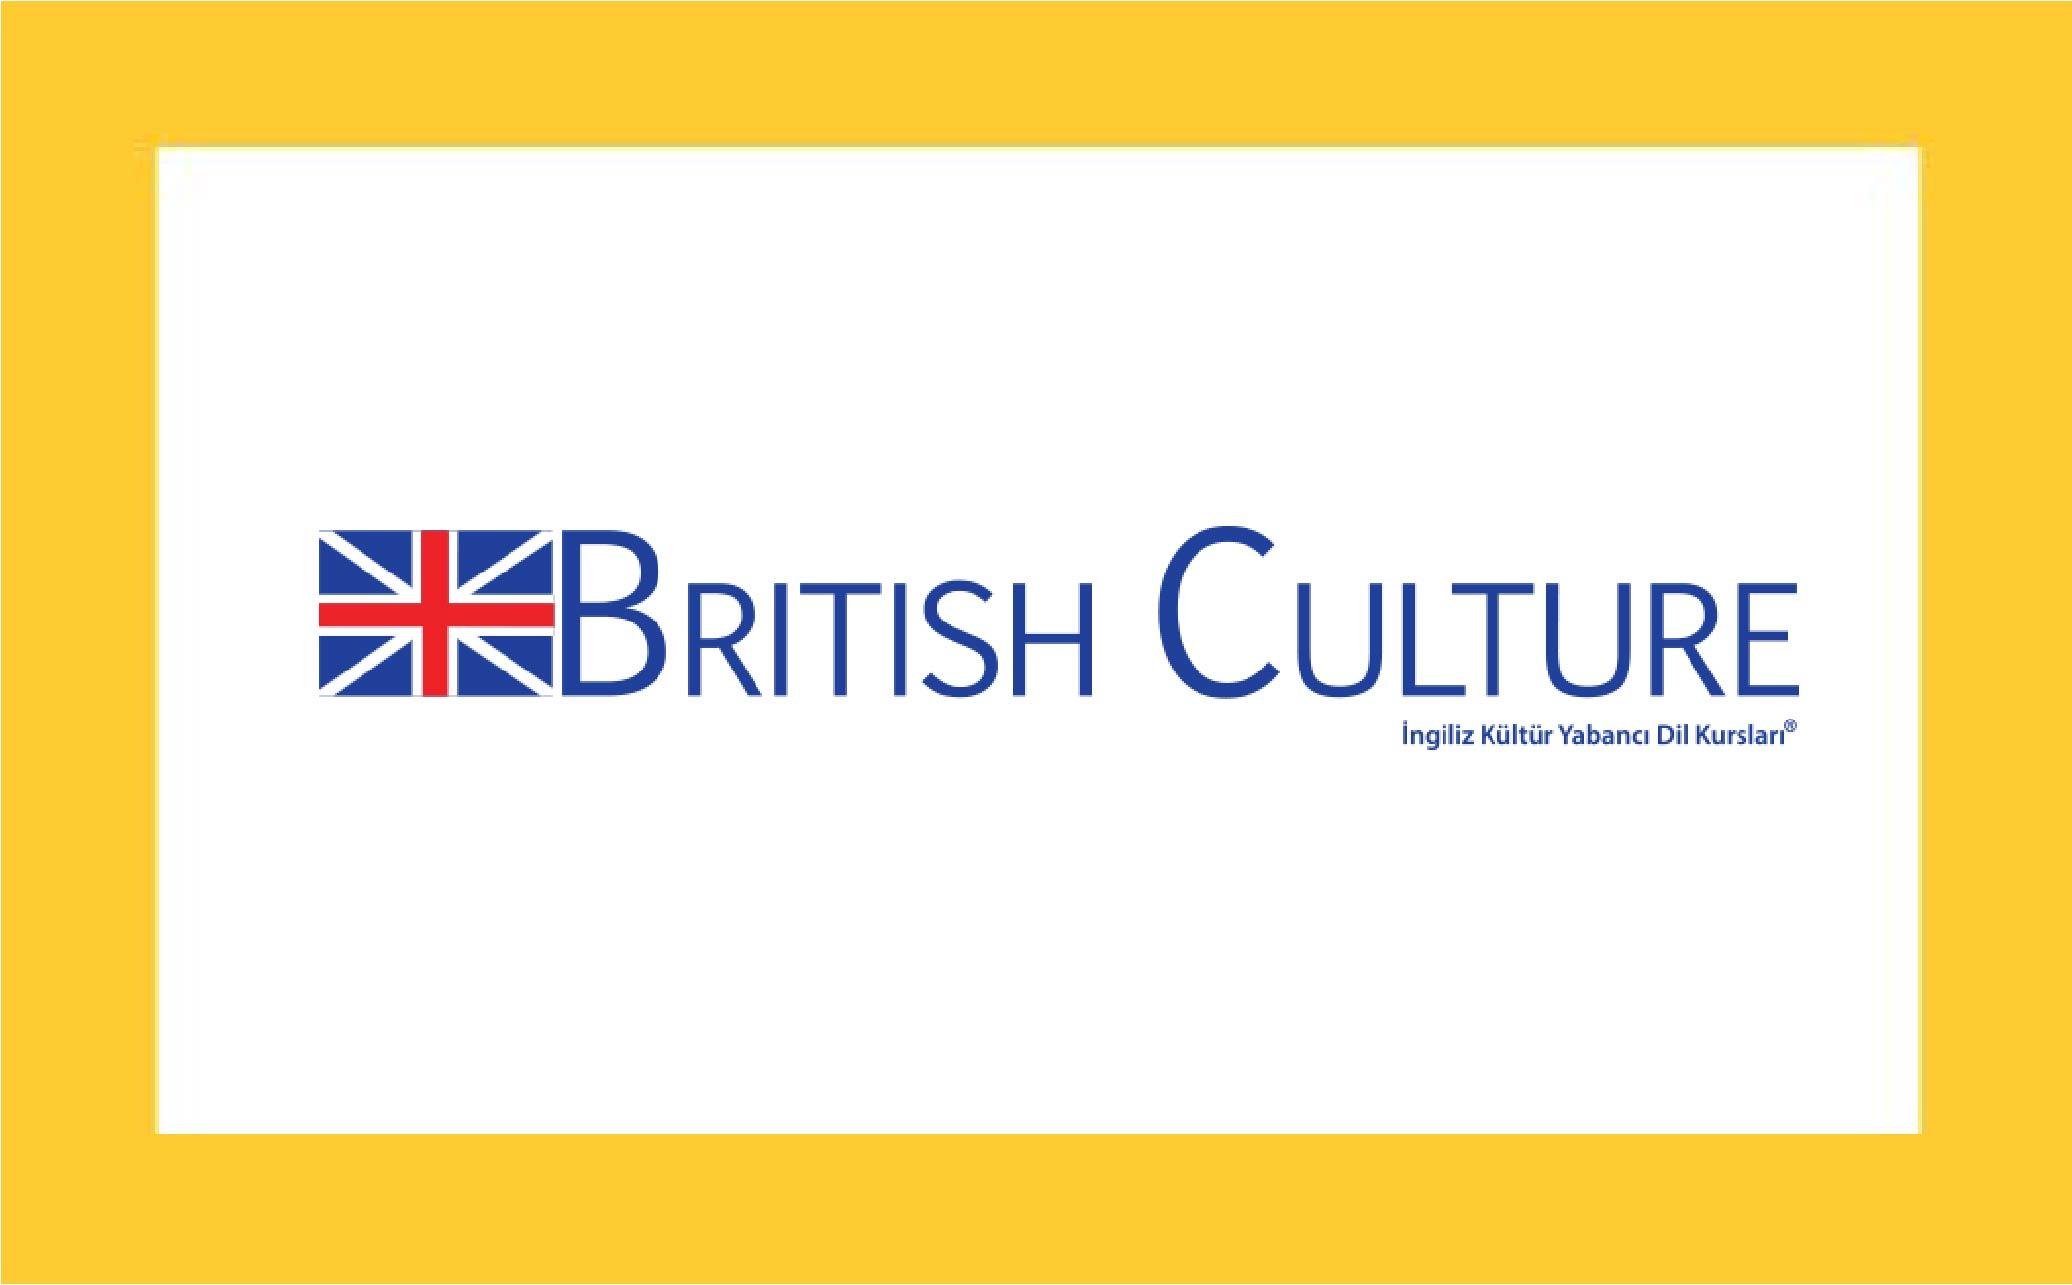 D Çözüm   British Culture İzmir Aliağa İngiliz Kültür Derneği